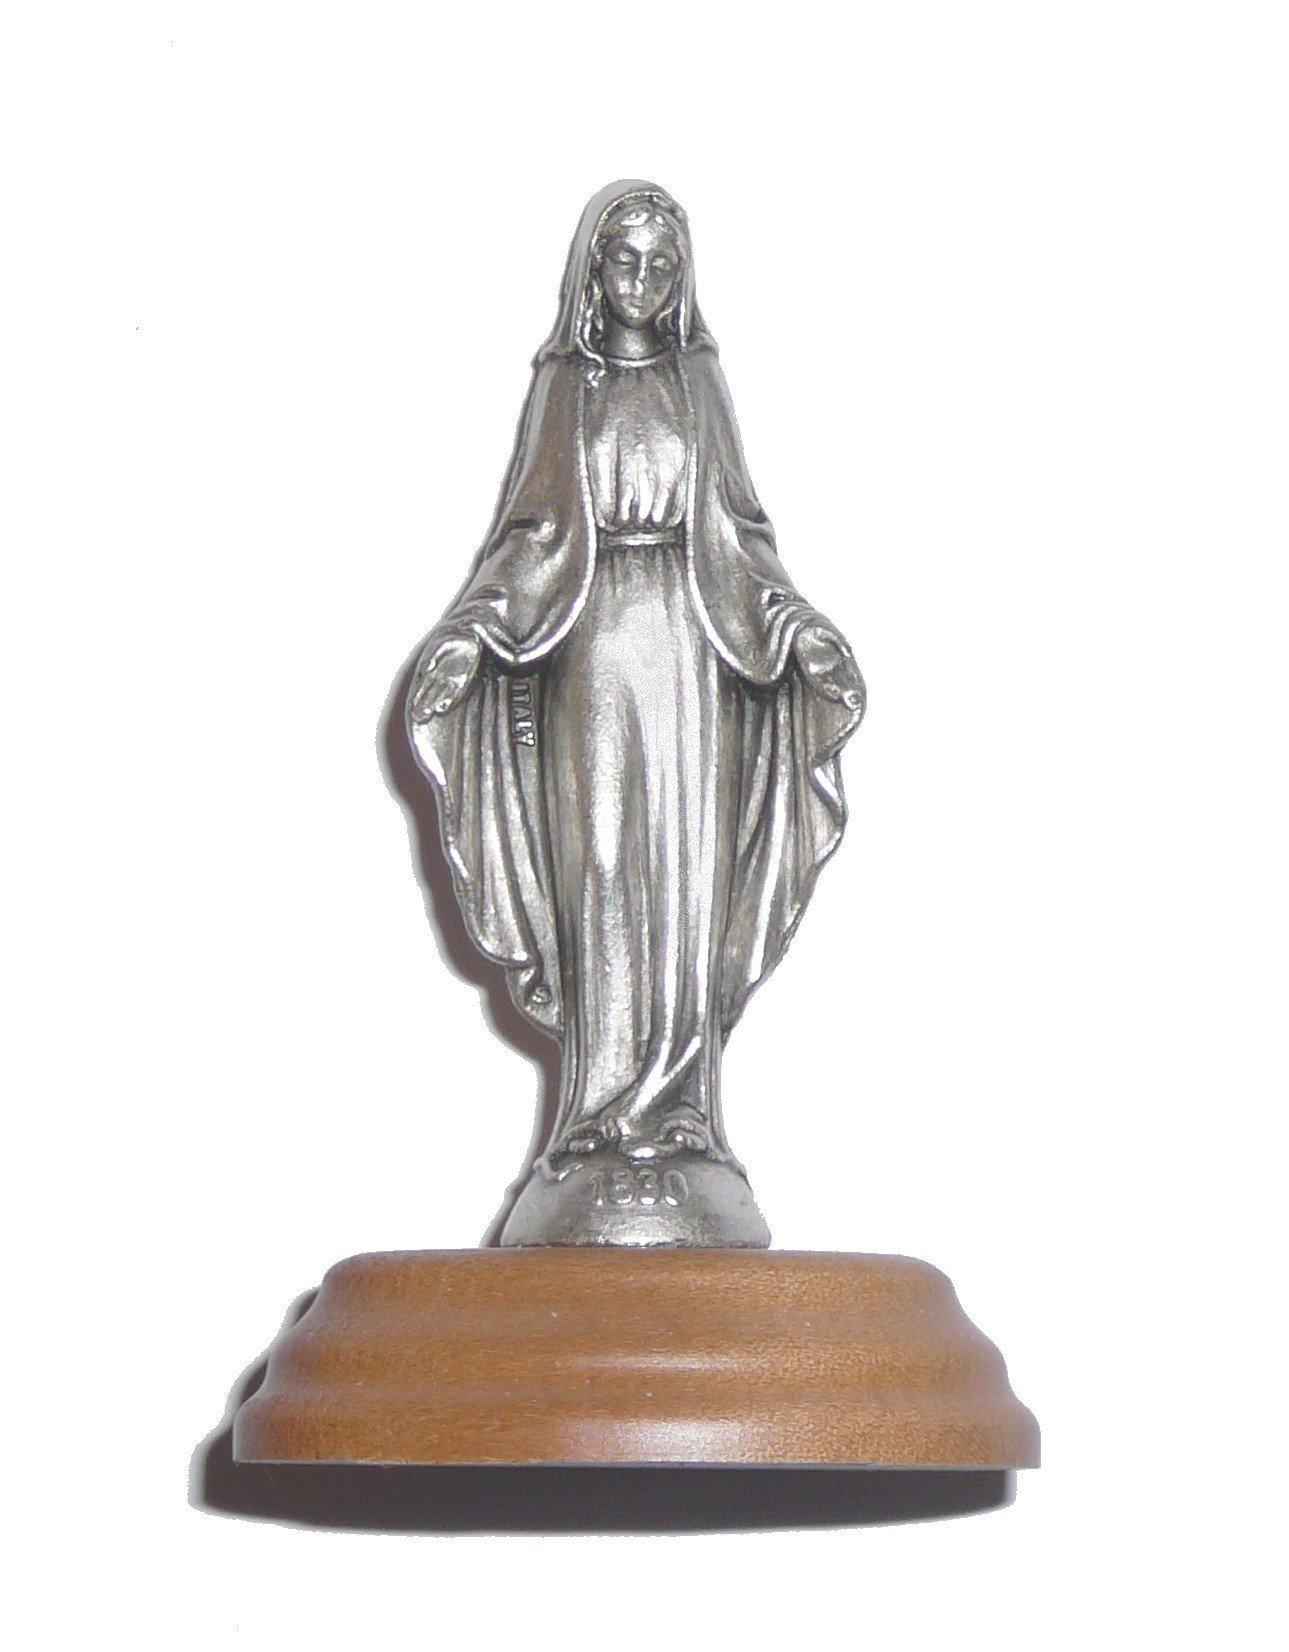 Statue en métal de la Vierge Marie